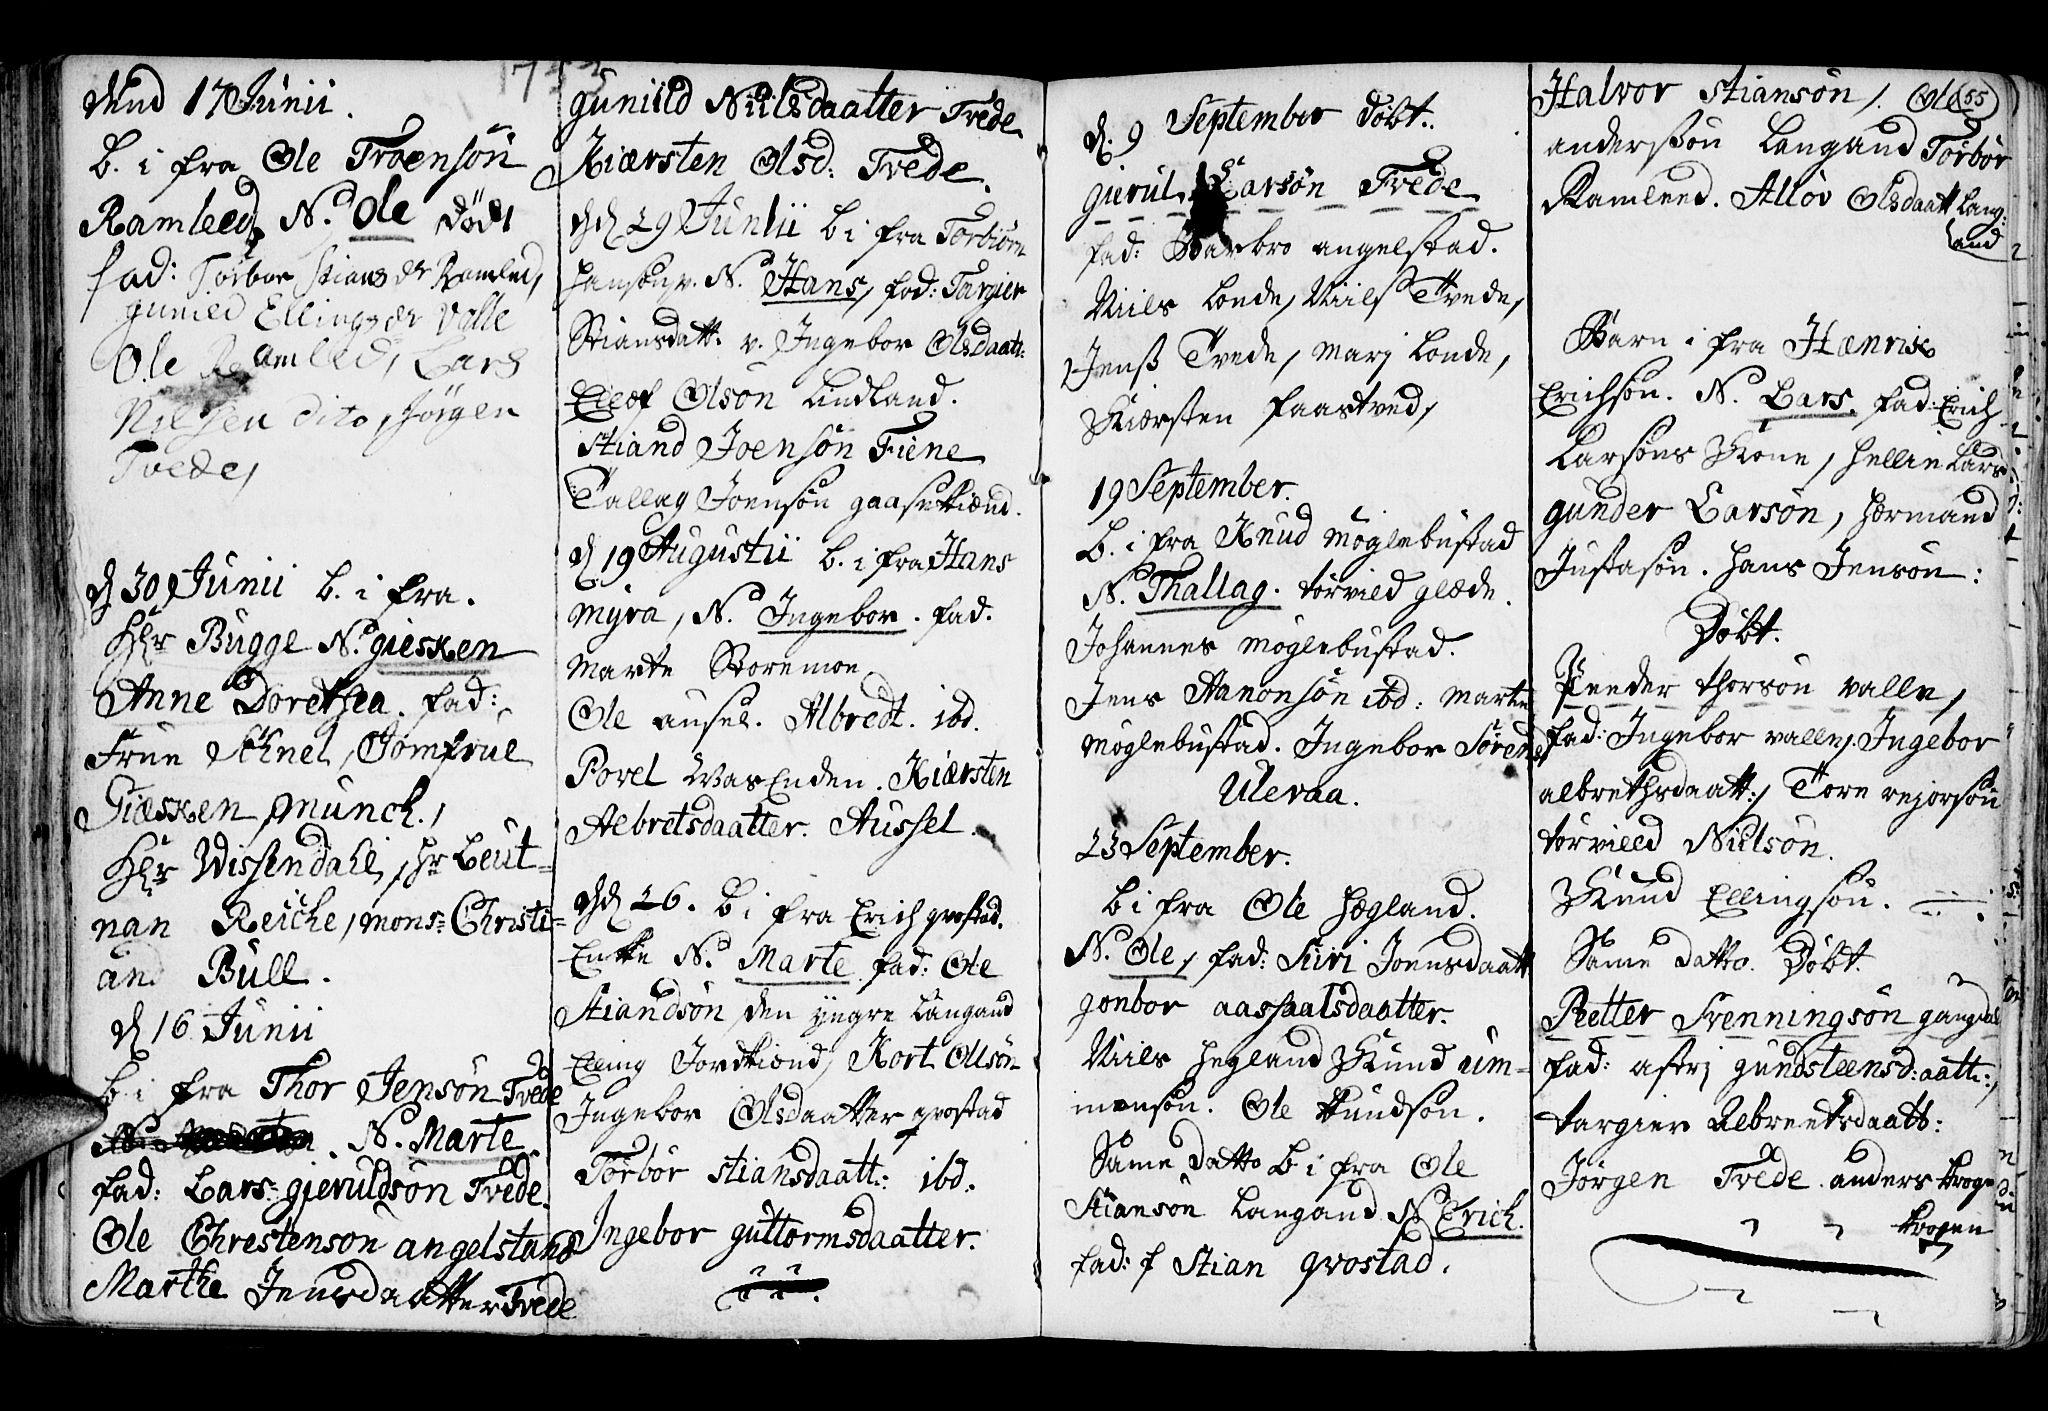 SAK, Holt sokneprestkontor, F/Fb/L0005: Klokkerbok nr. B 5, 1746-1764, s. 55